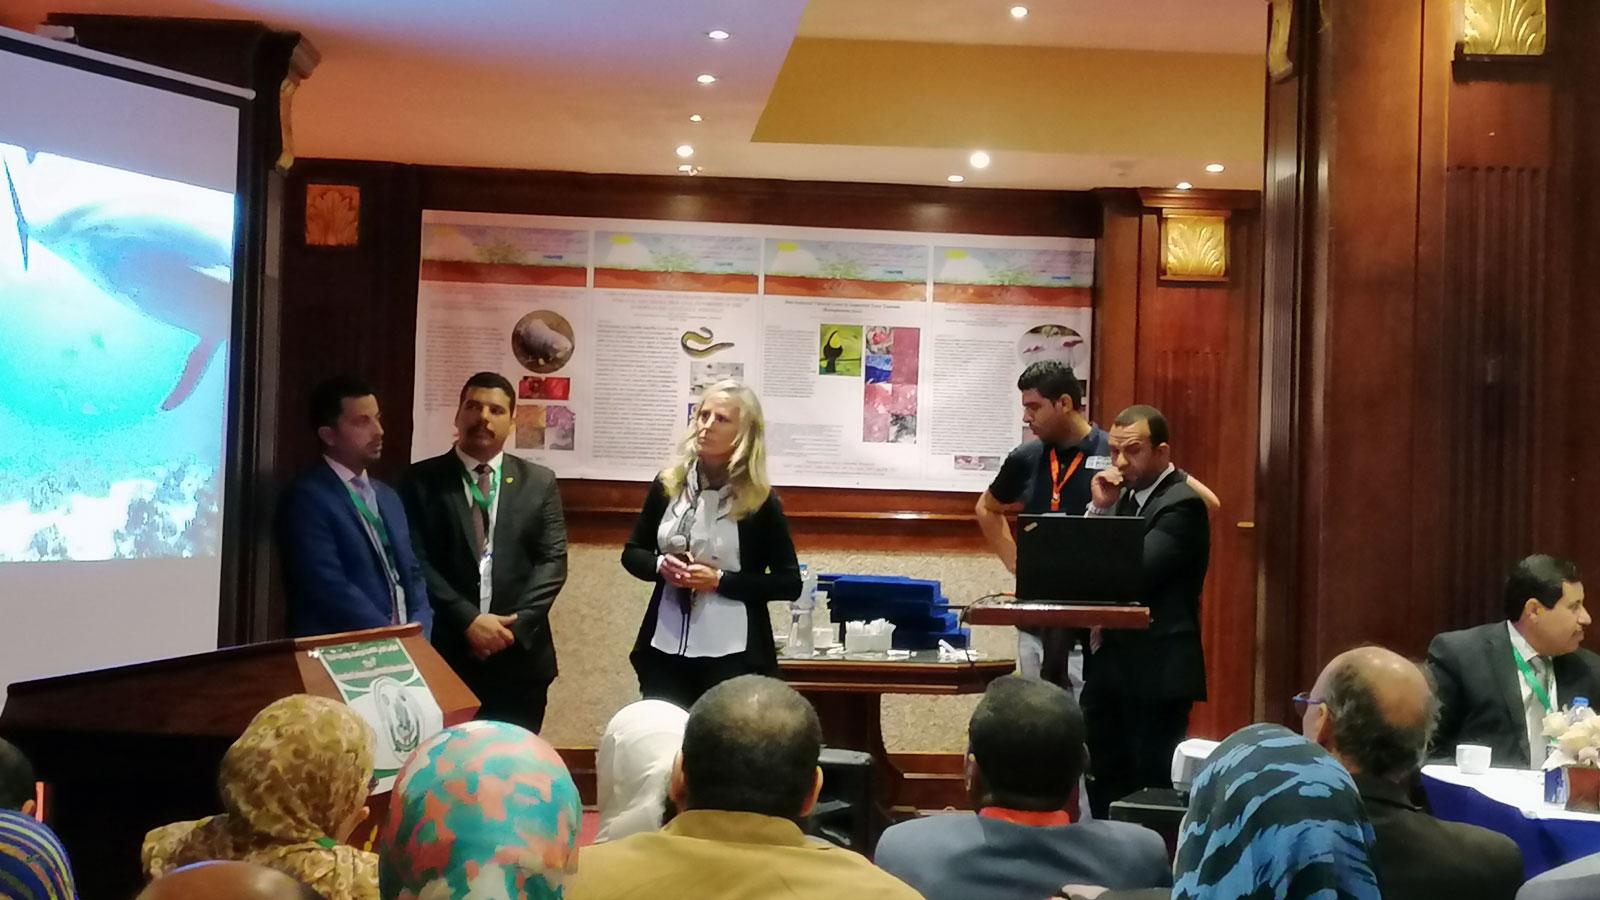 Vortrag von Angela Ziltener an der Sadat City University Conference